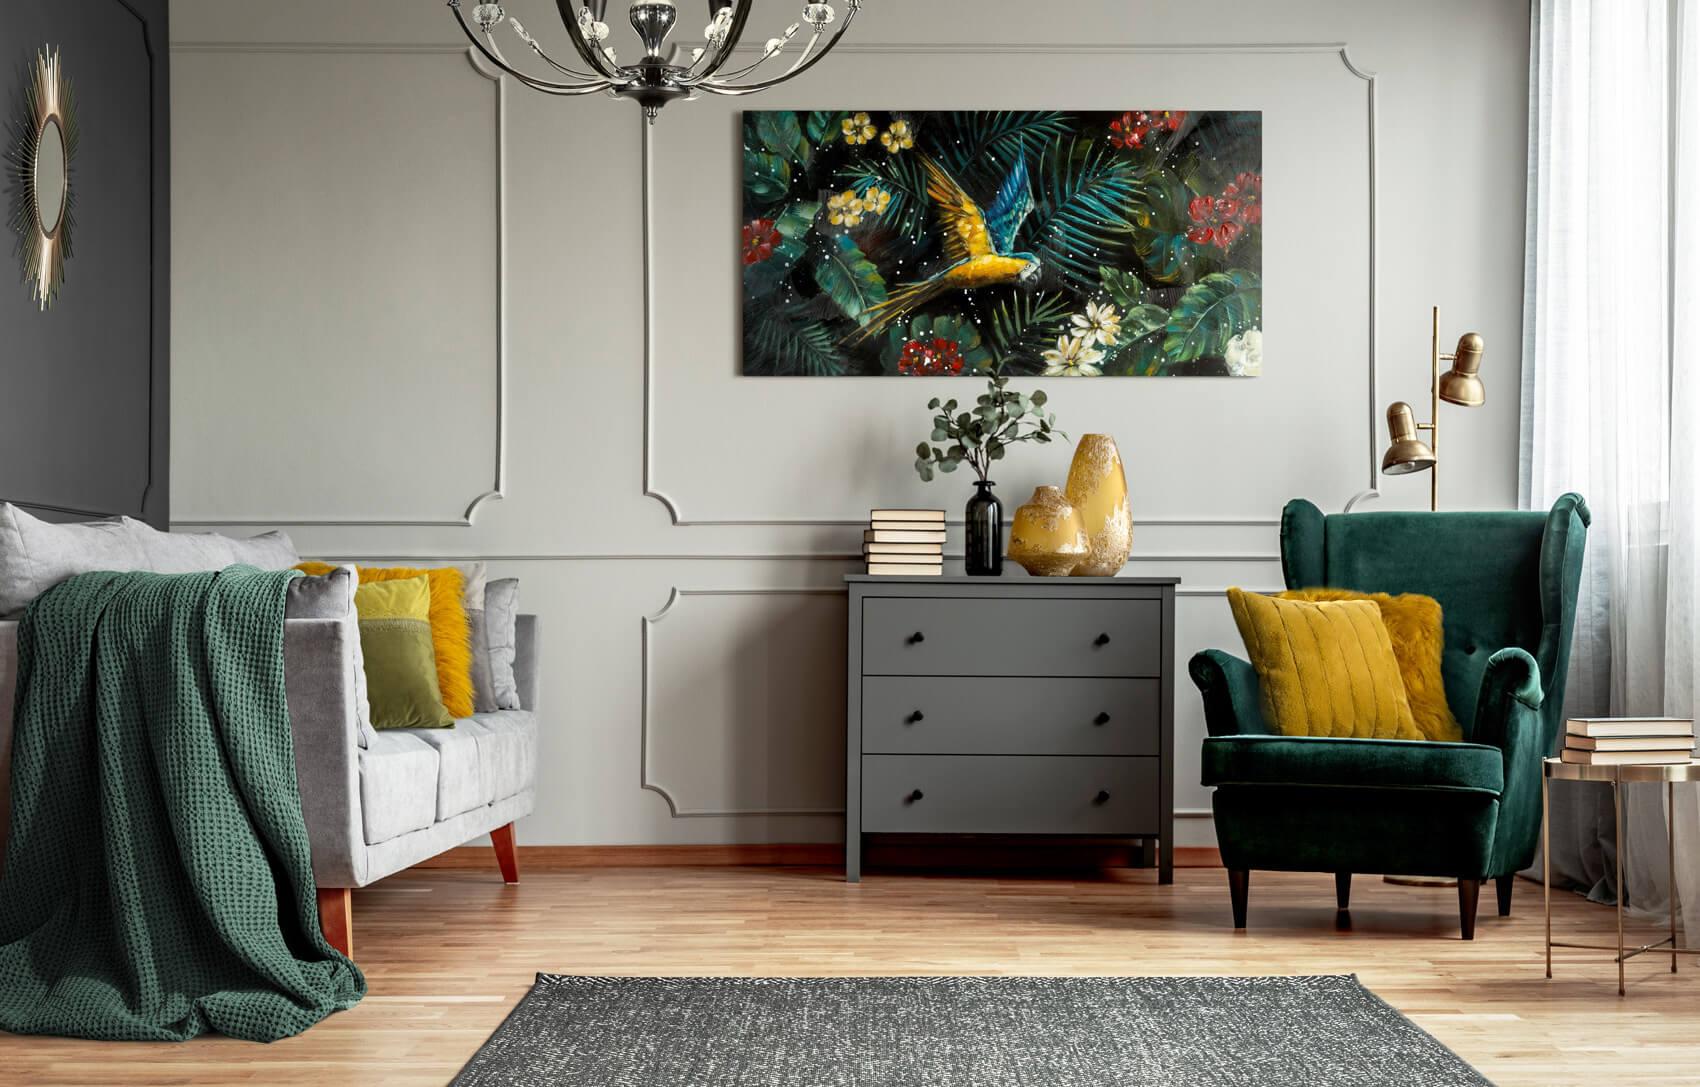 Jak ożywić szary salon? 5 sposobów na to jak ocieplić szare ściany w salonie.